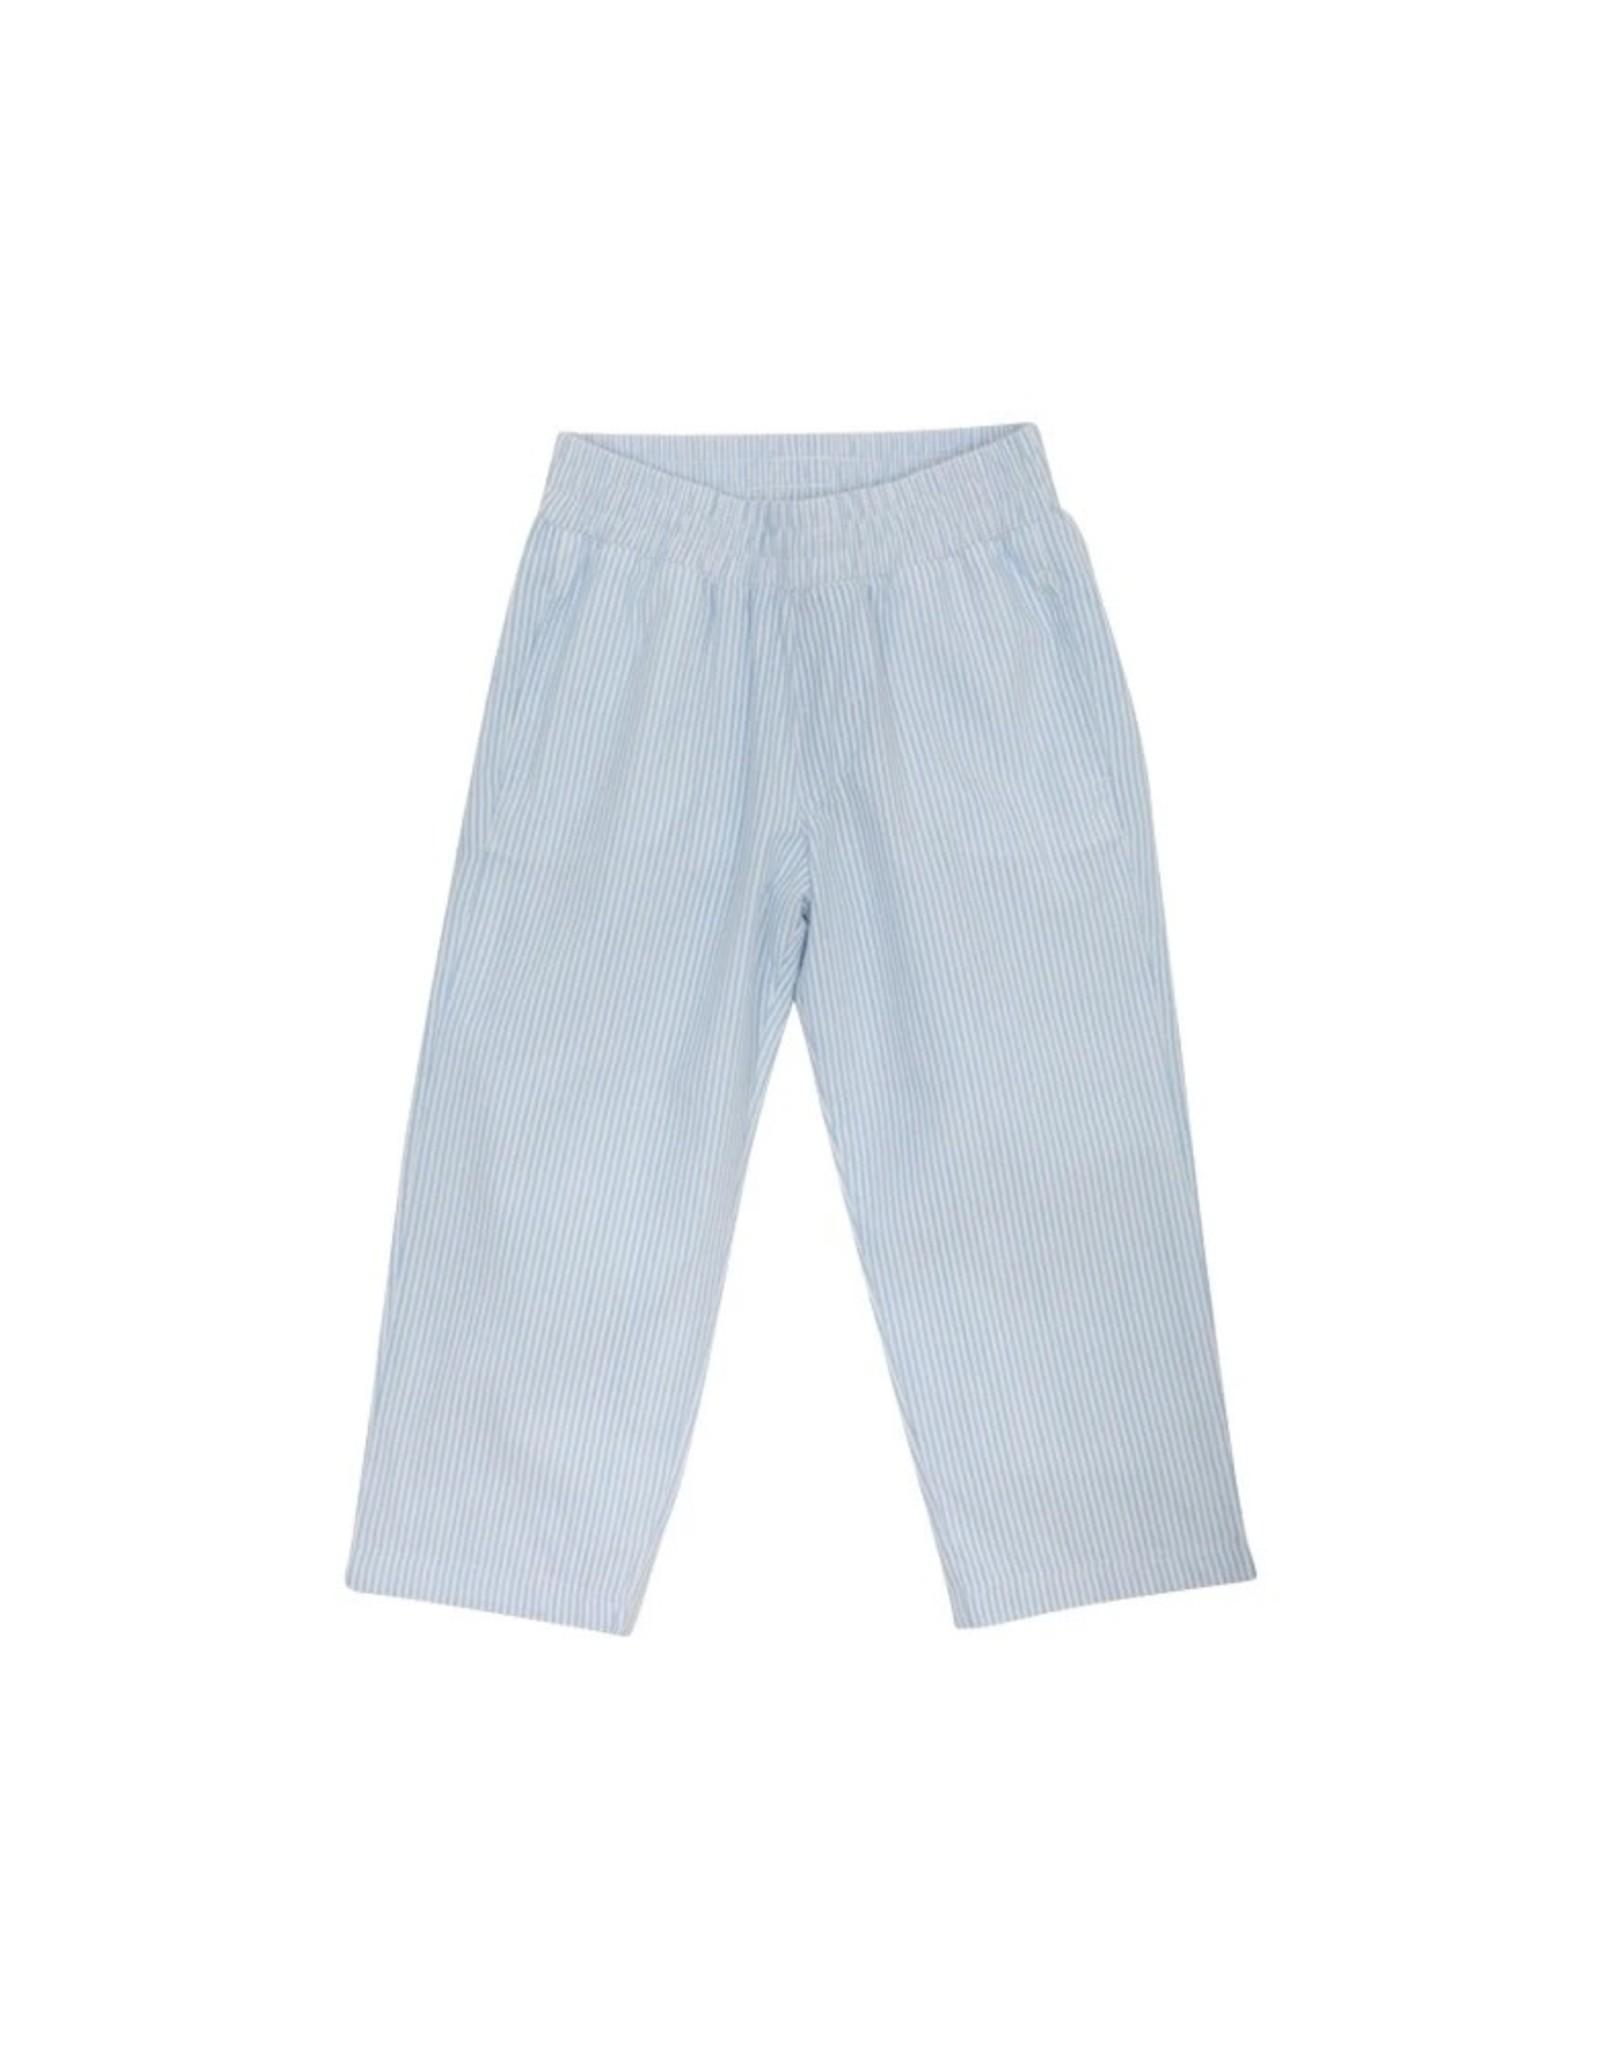 The Beaufort Bonnet Company Sheffield Pants-Seersucker